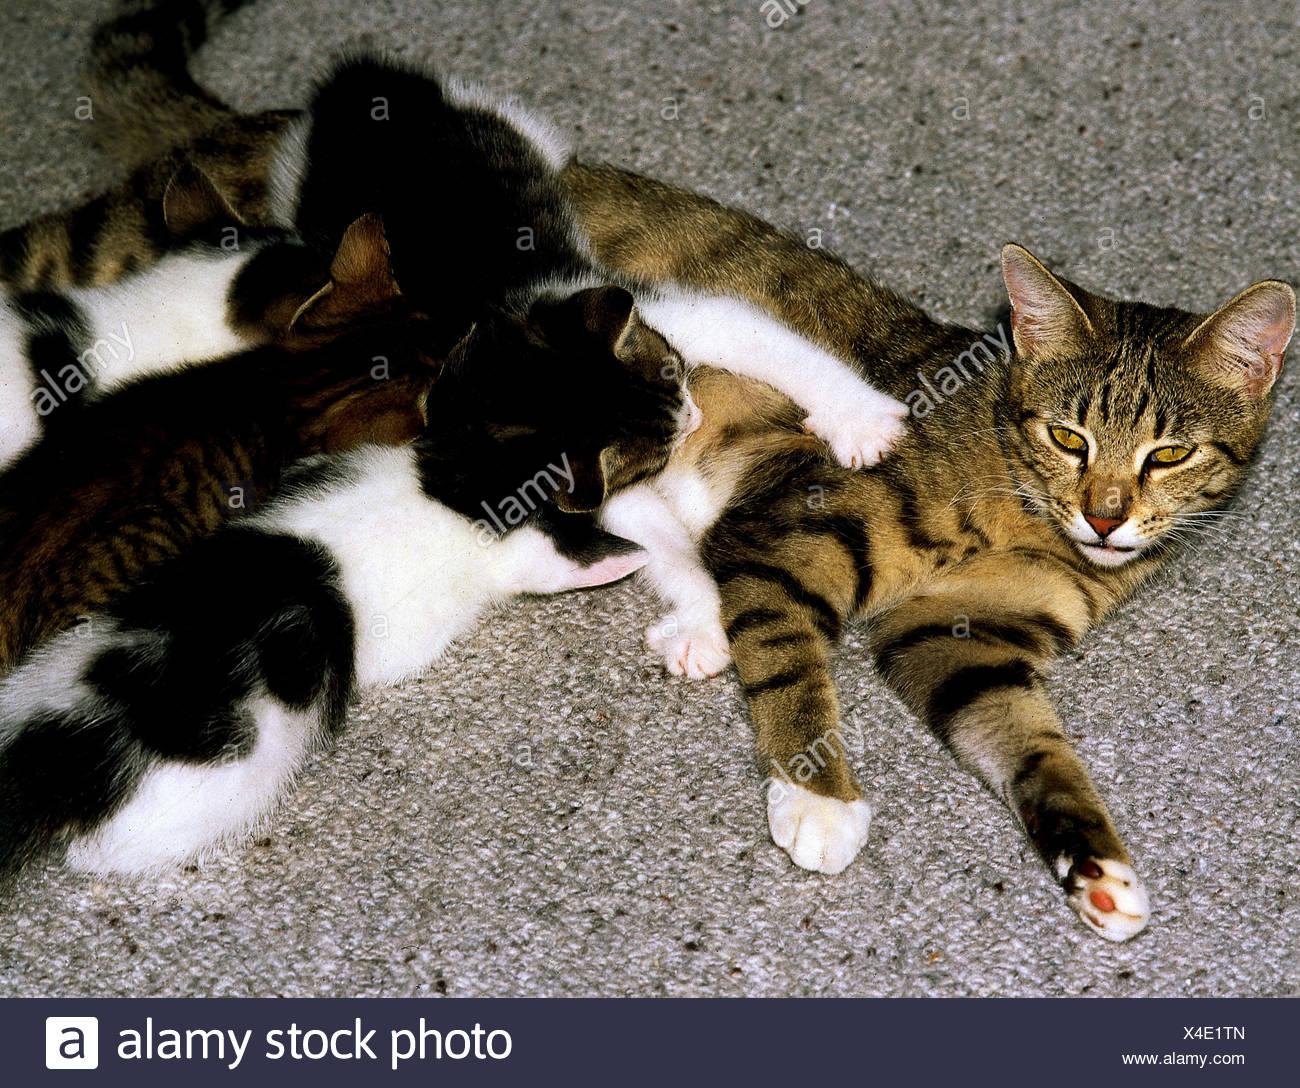 Kittens Zoology Stockfotos & Kittens Zoology Bilder - Alamy